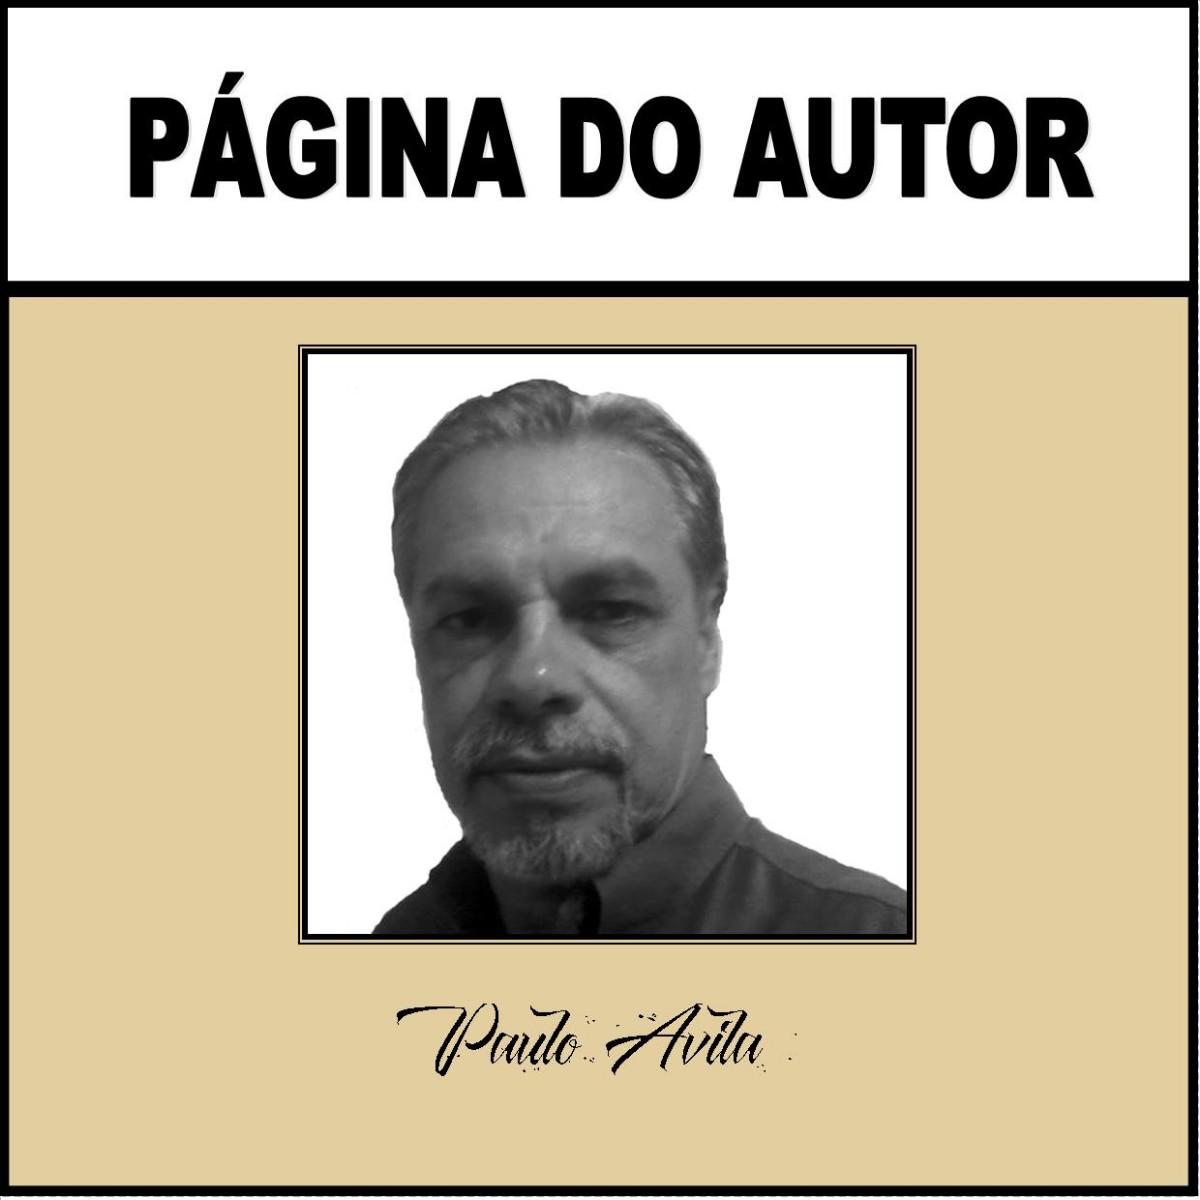 Pagina do autor